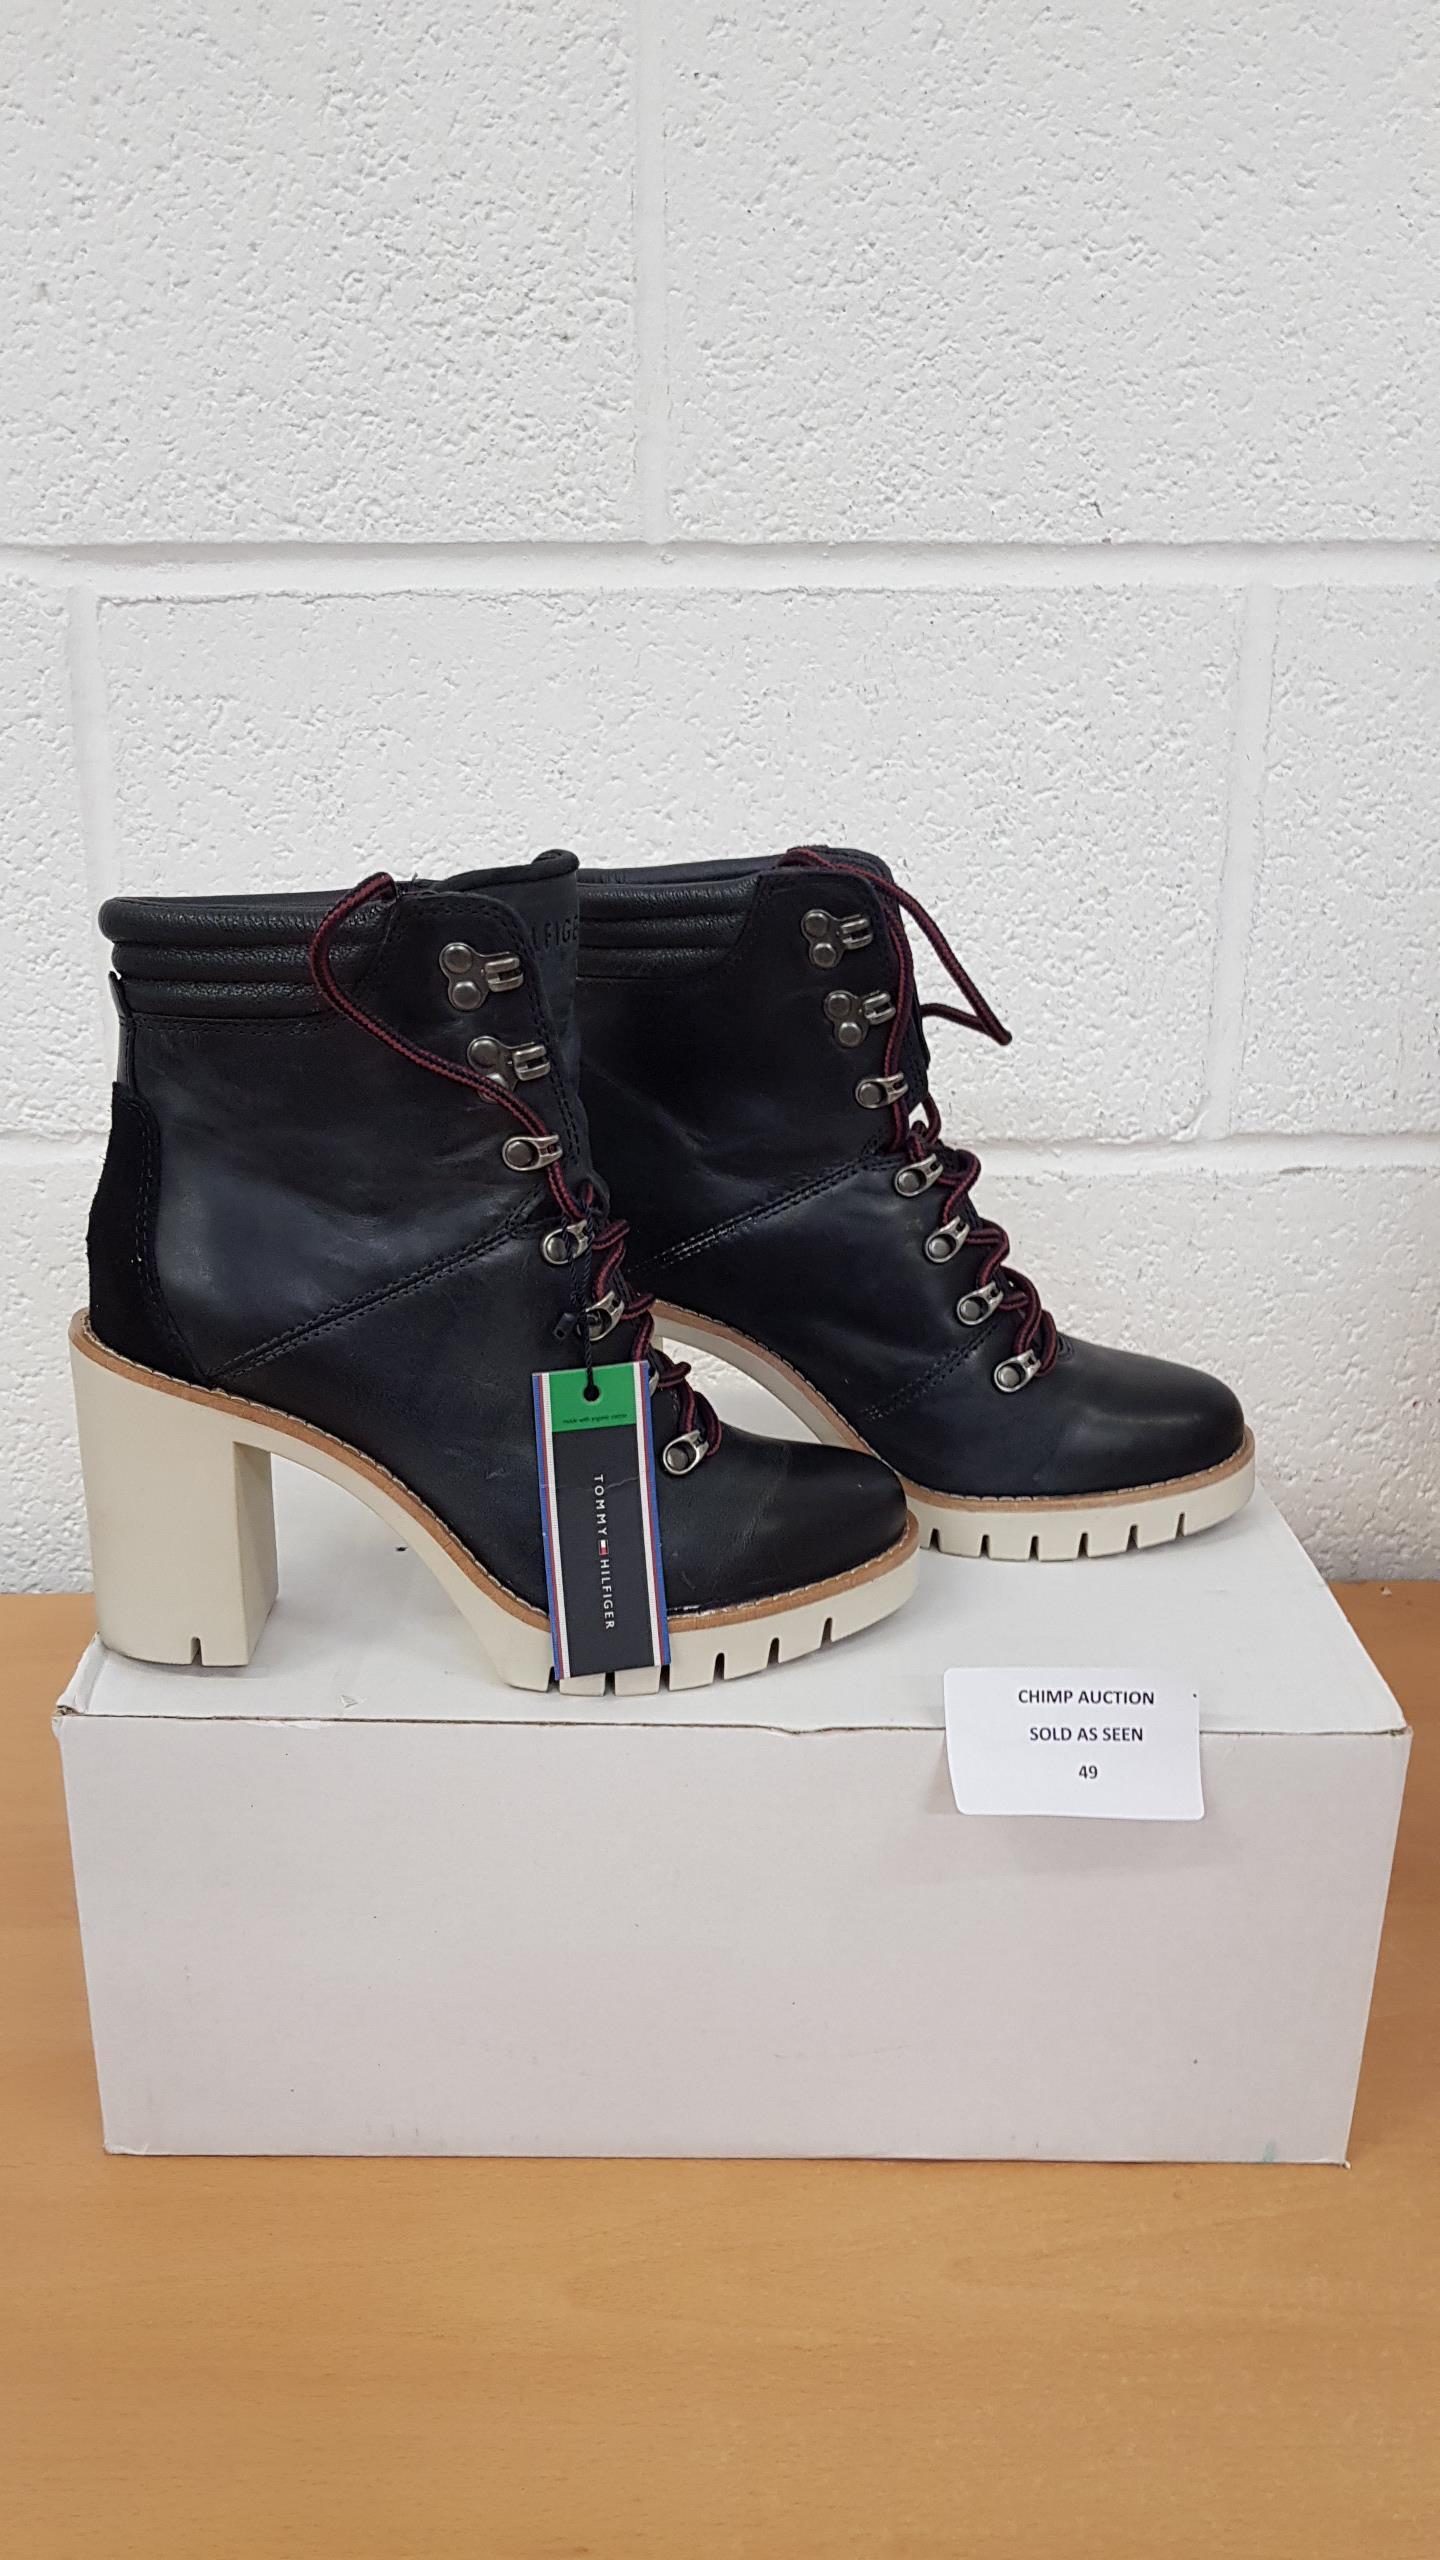 Lot 49 - Tommy Hilfiger Ladies shoes UK 3.5 RRP £79.99